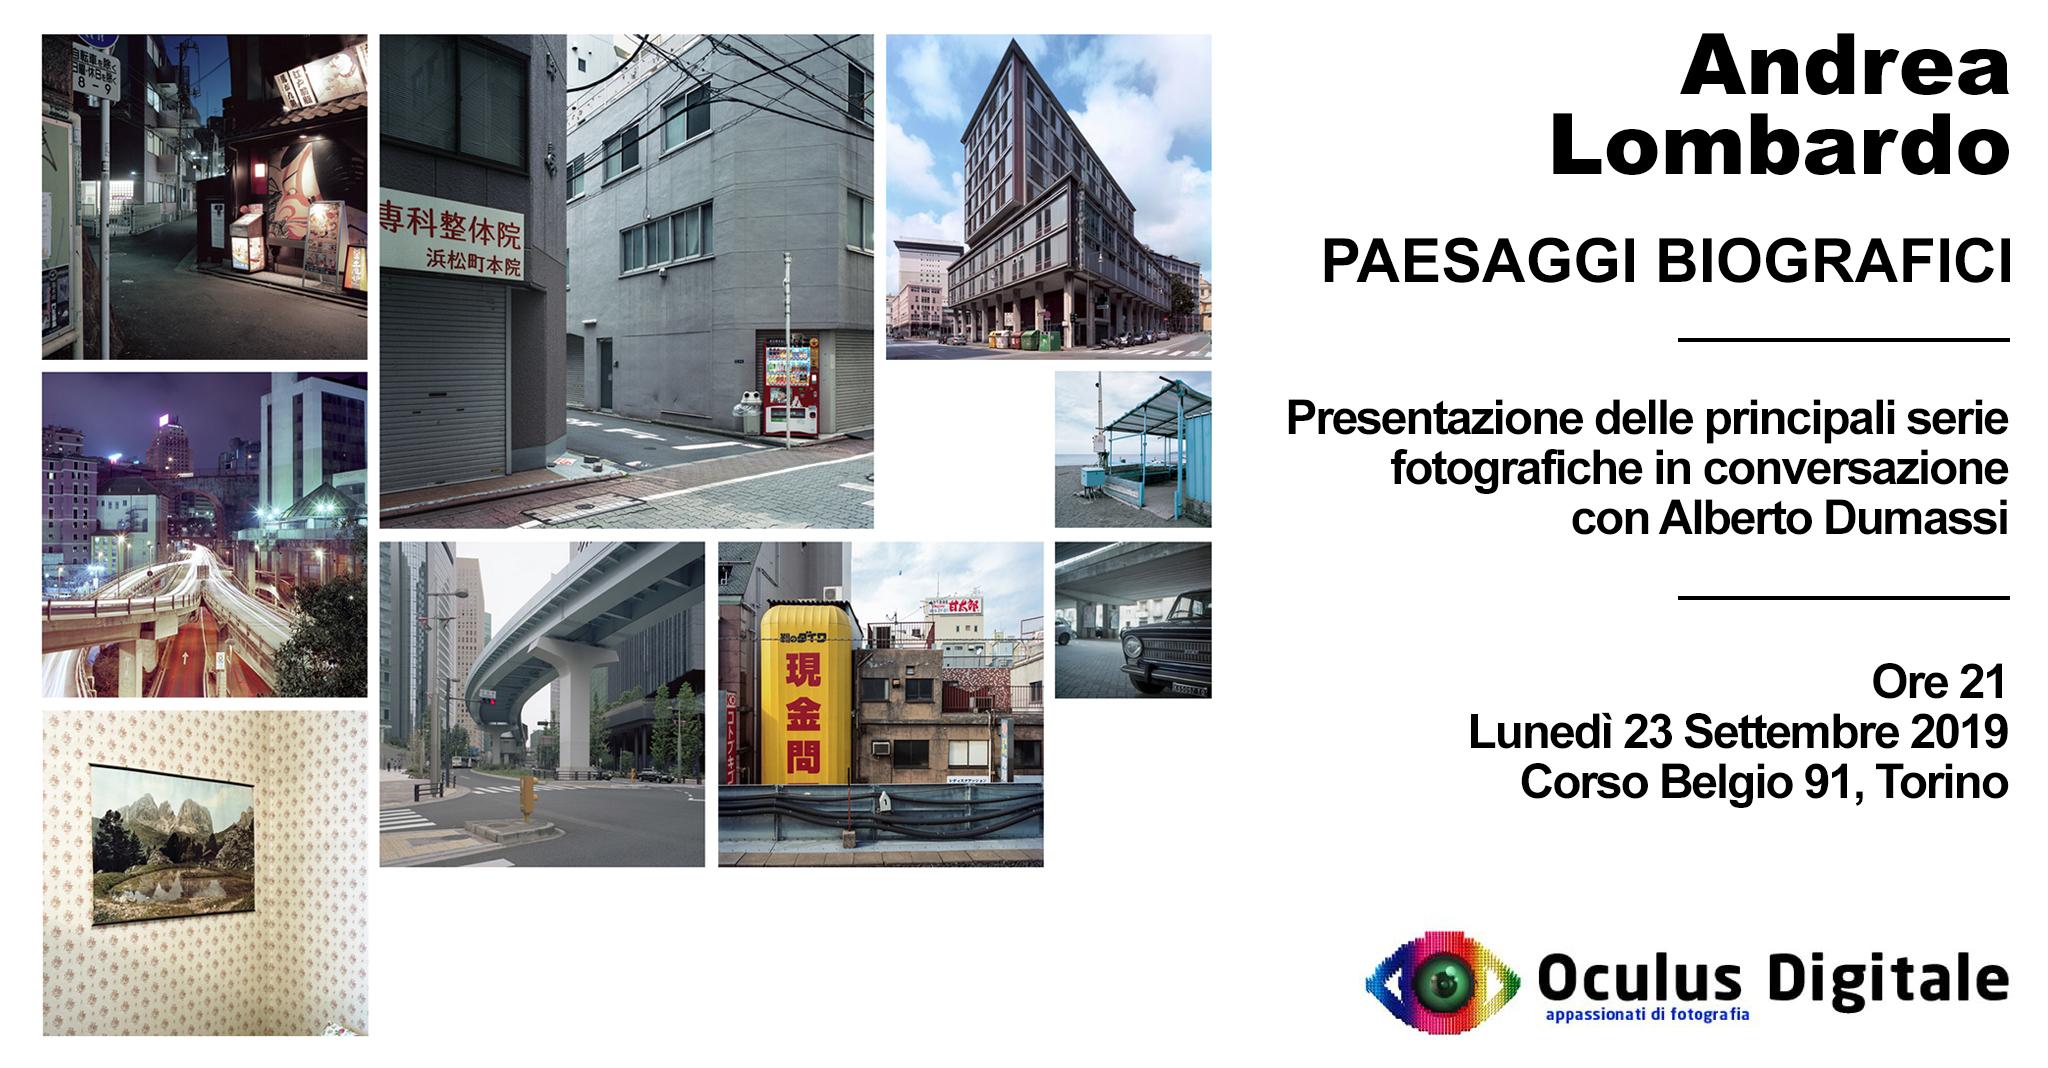 Andrea Lombardo - Paesaggi biografici  ore 21 presso Oculus Digitale Corso Belgio, 91 Torino